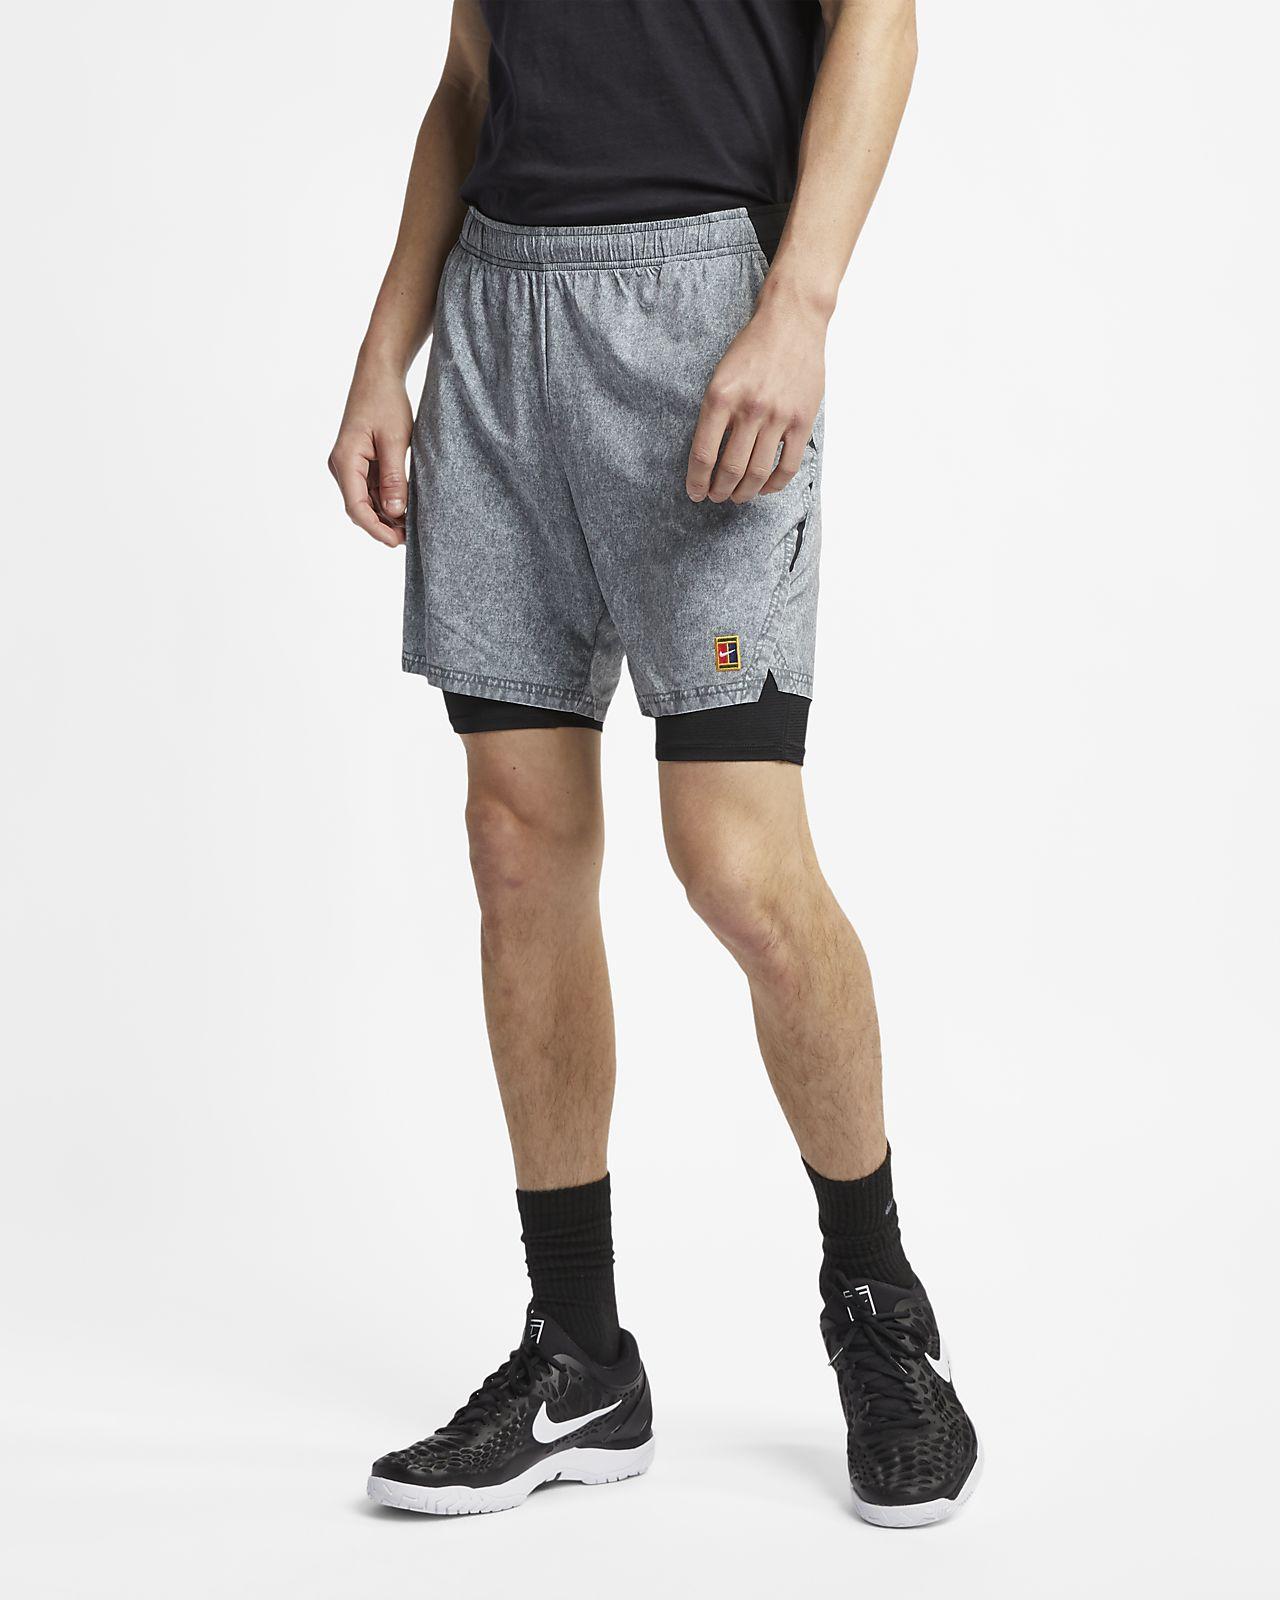 กางเกงเทนนิสขาสั้นผู้ชายพิมพ์ลาย NikeCourt Flex Ace